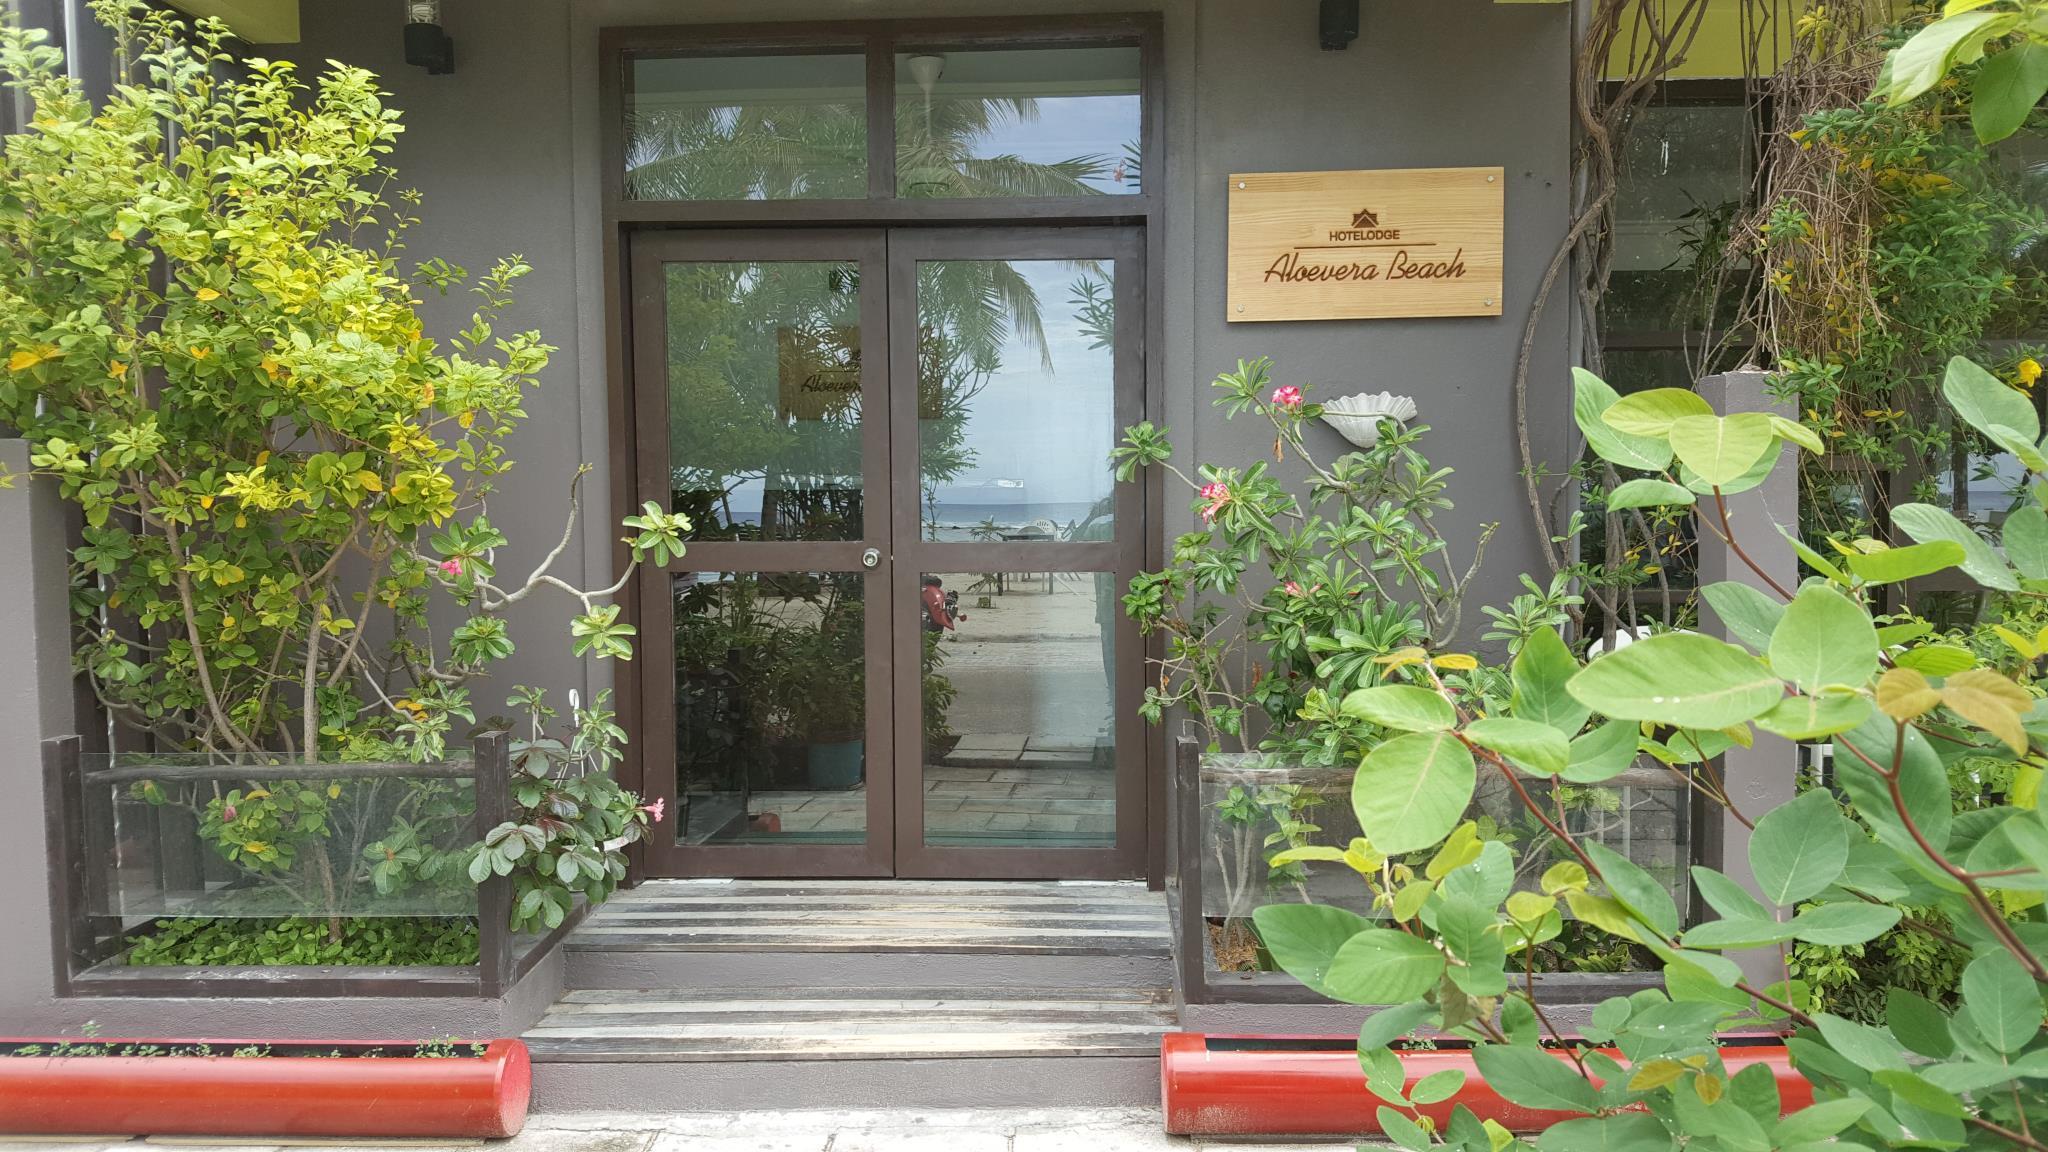 hotelodge aloevera beach malé et aéroport – offres spéciales pour